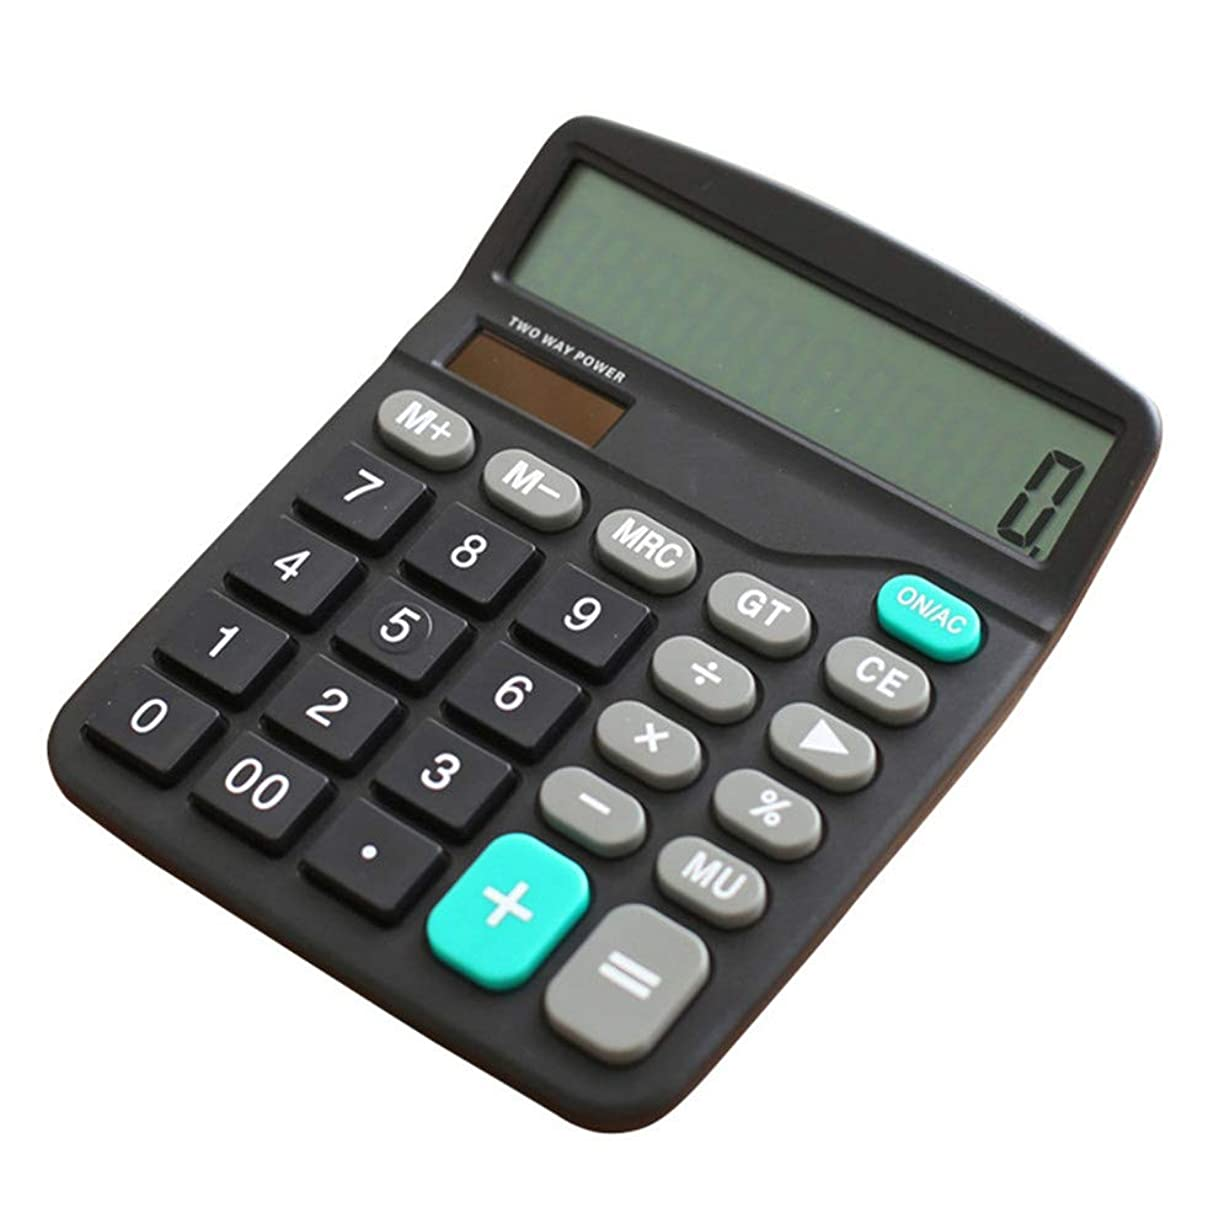 に関して窒素褐色電卓 科学計算機関数計算機学生専用の多機能コンピュータ、日常用および基本オフィス用ハンドヘルド 携帯に便利